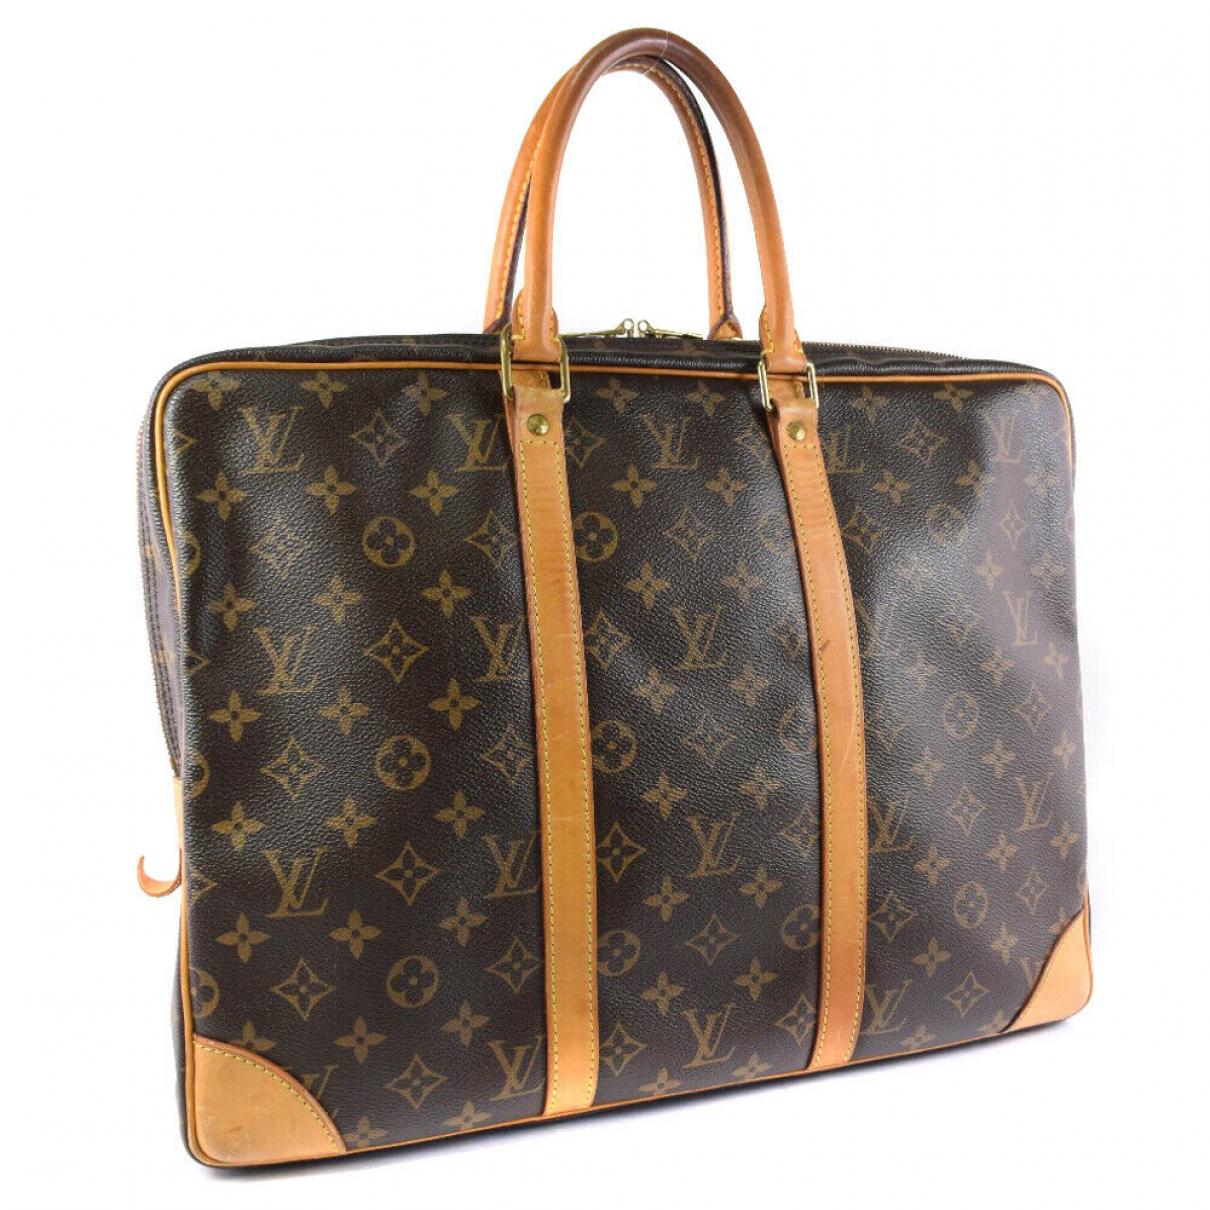 Louis Vuitton - Sac de voyage   pour femme en cuir